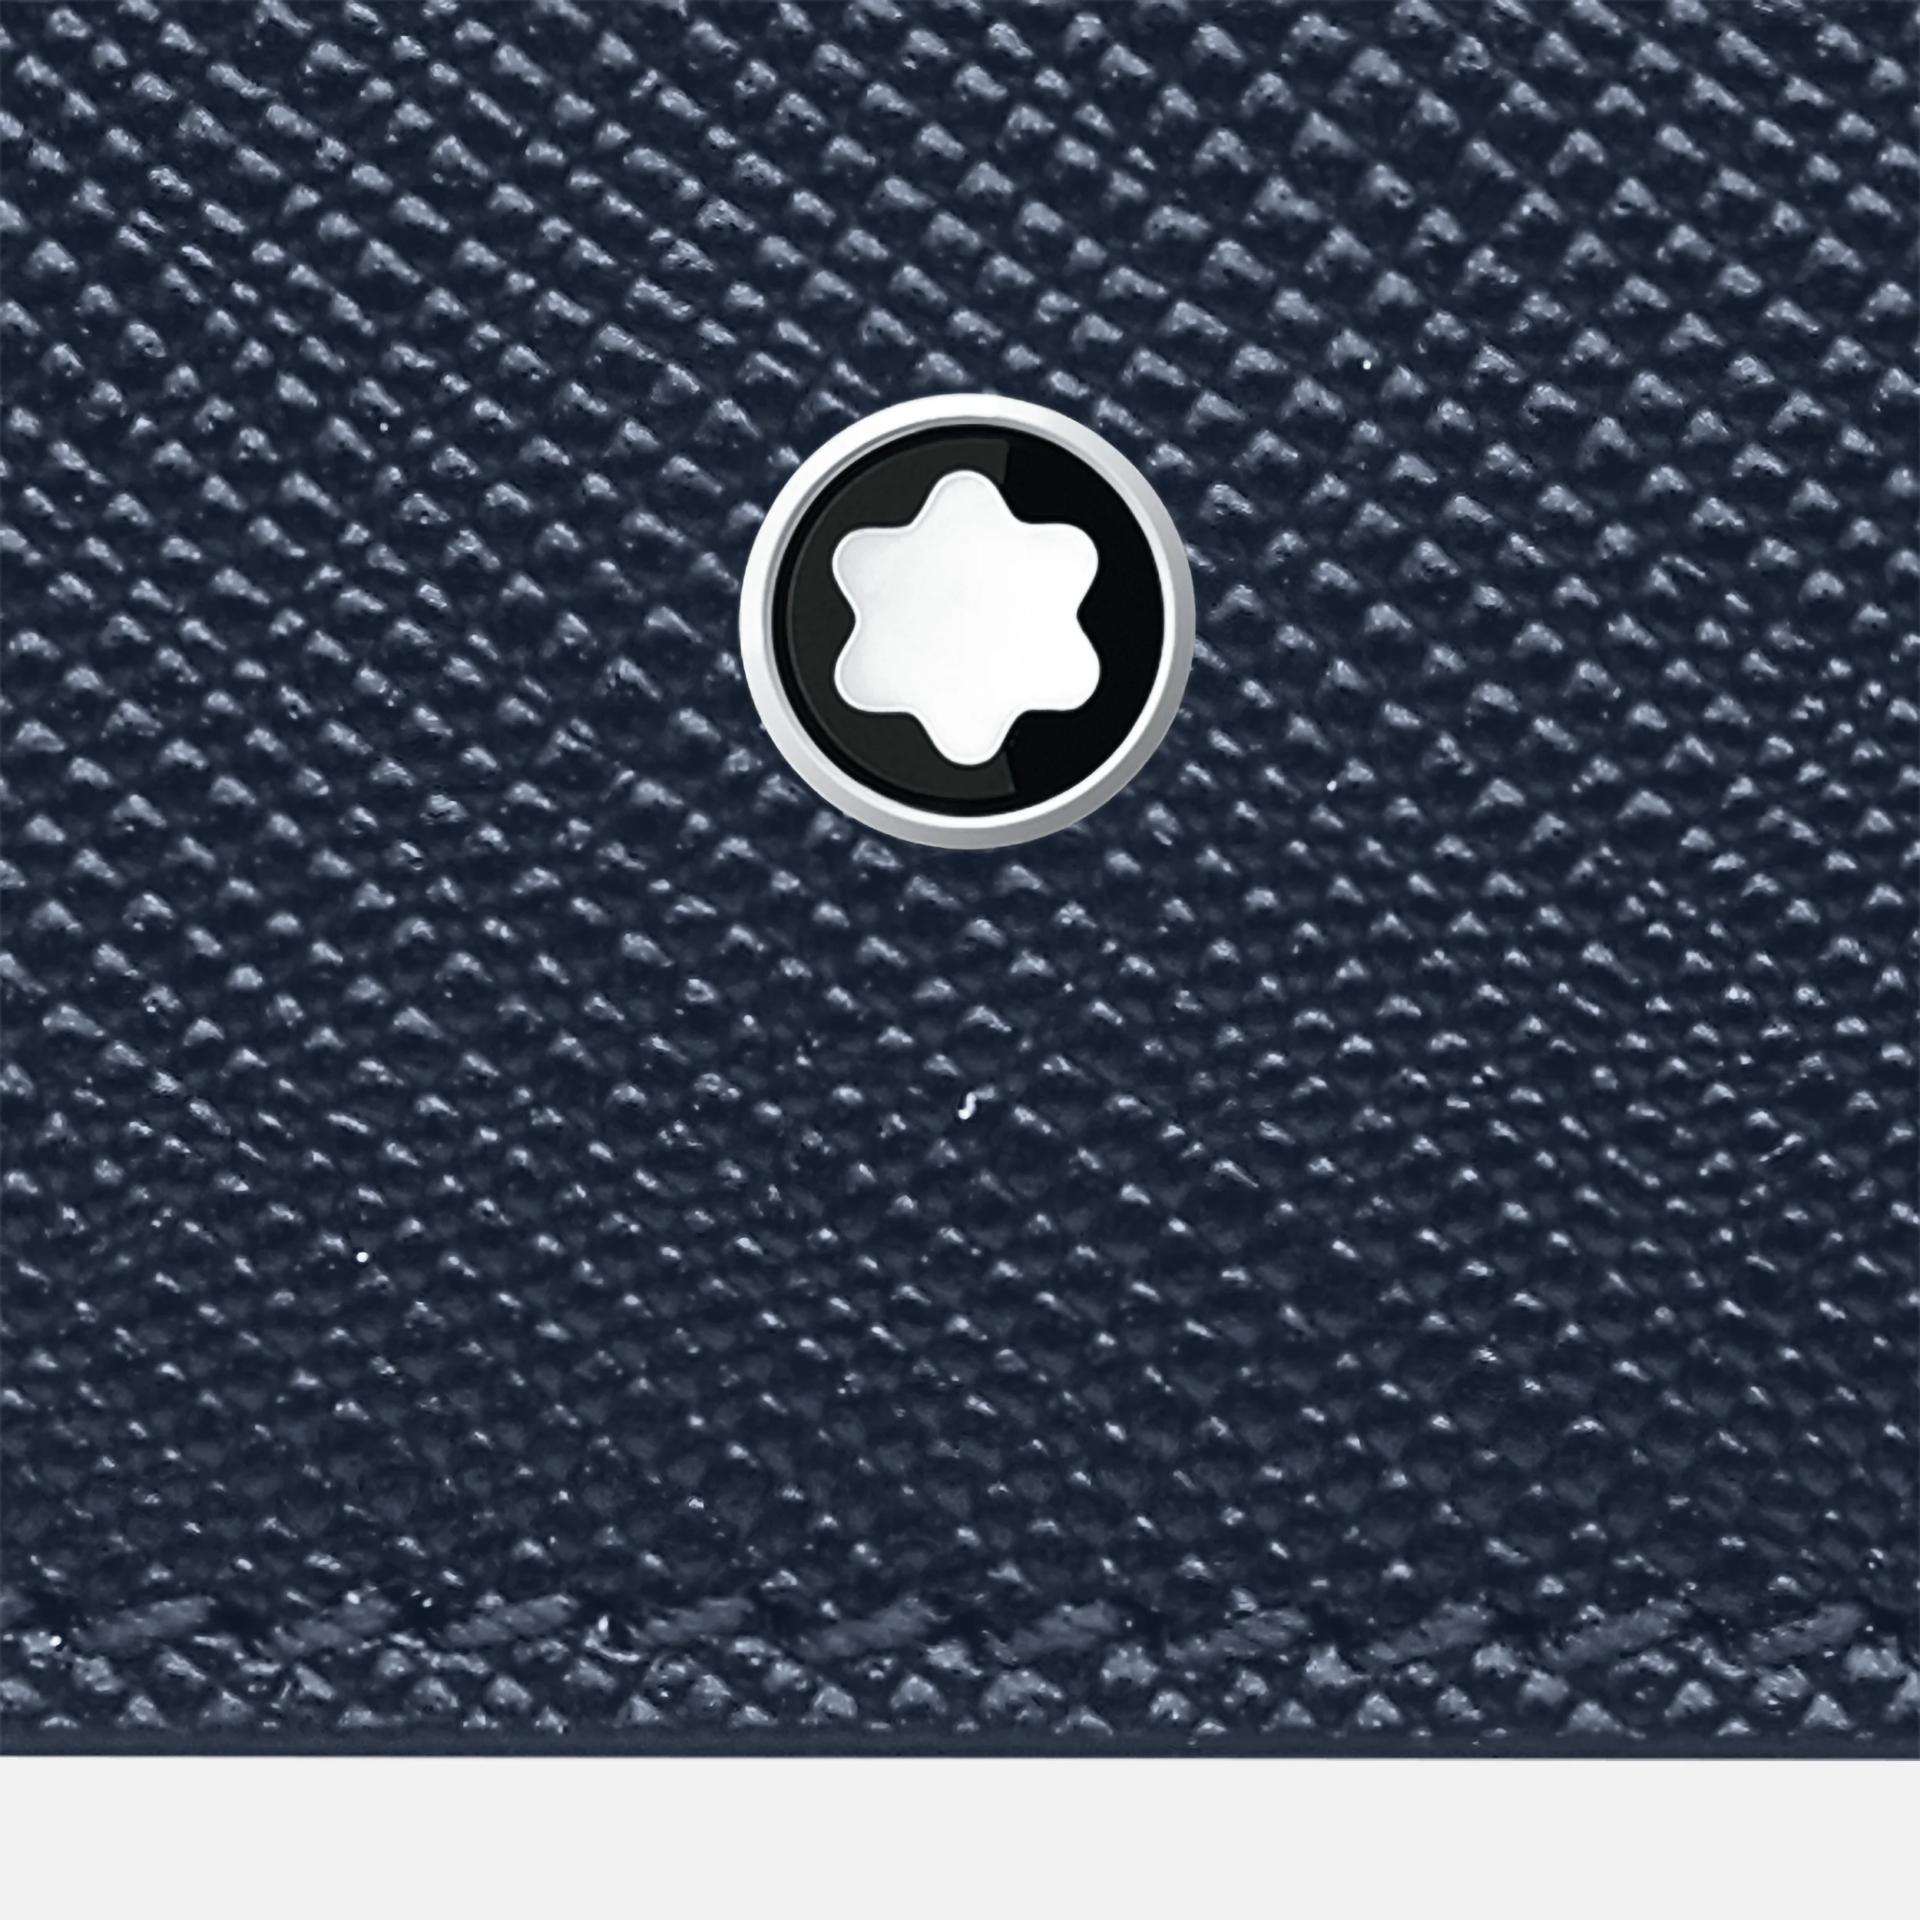 Porte-cartes 5cc, Sartorial bleu, Montblanc